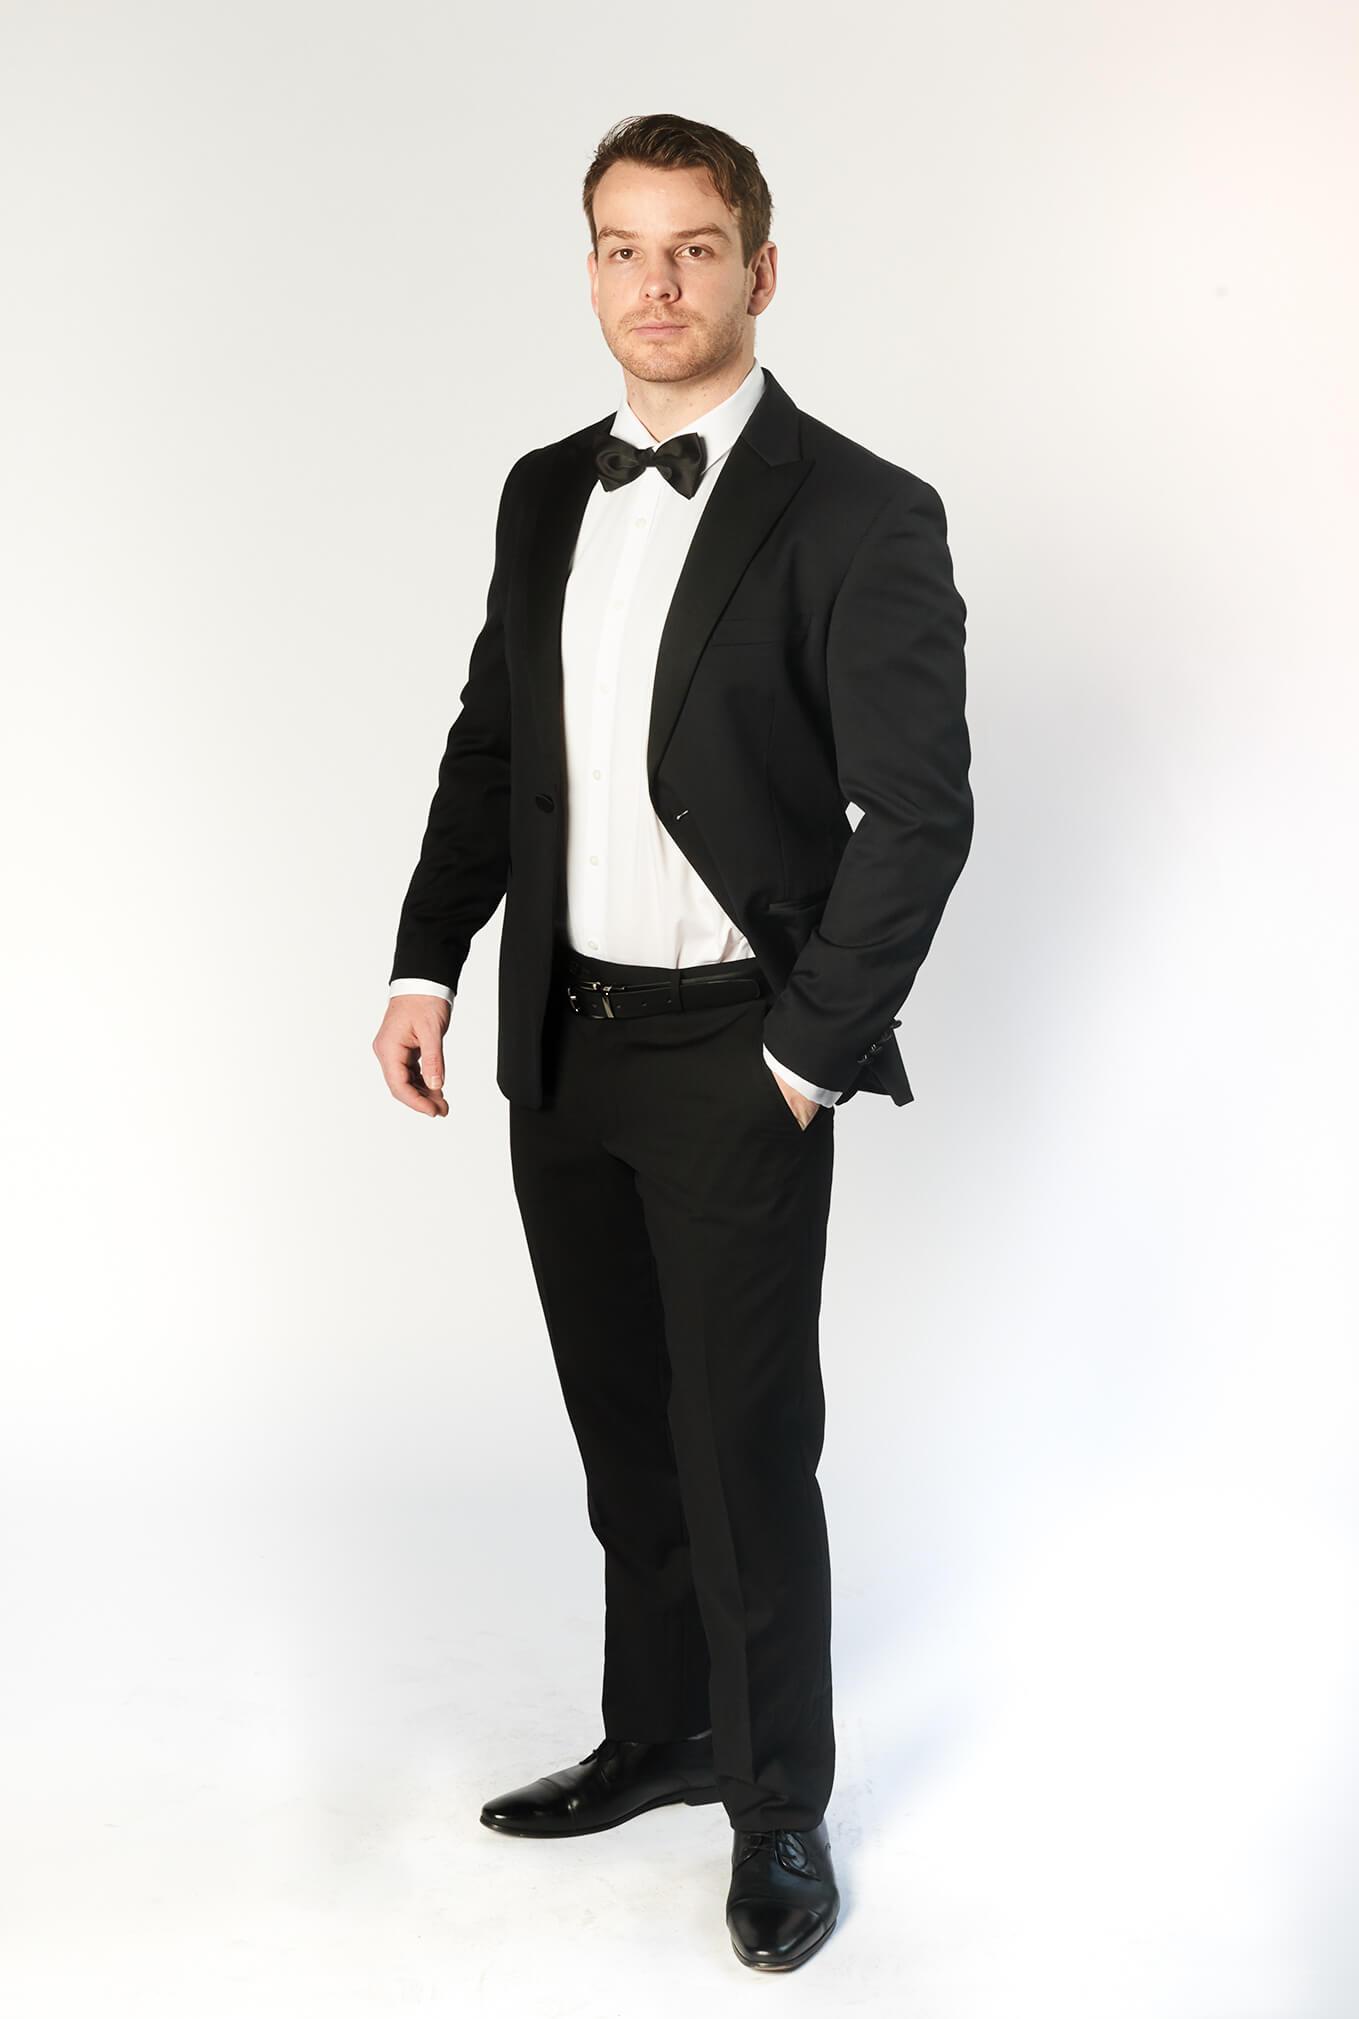 The Oxford tuxedo with satin peak lapel